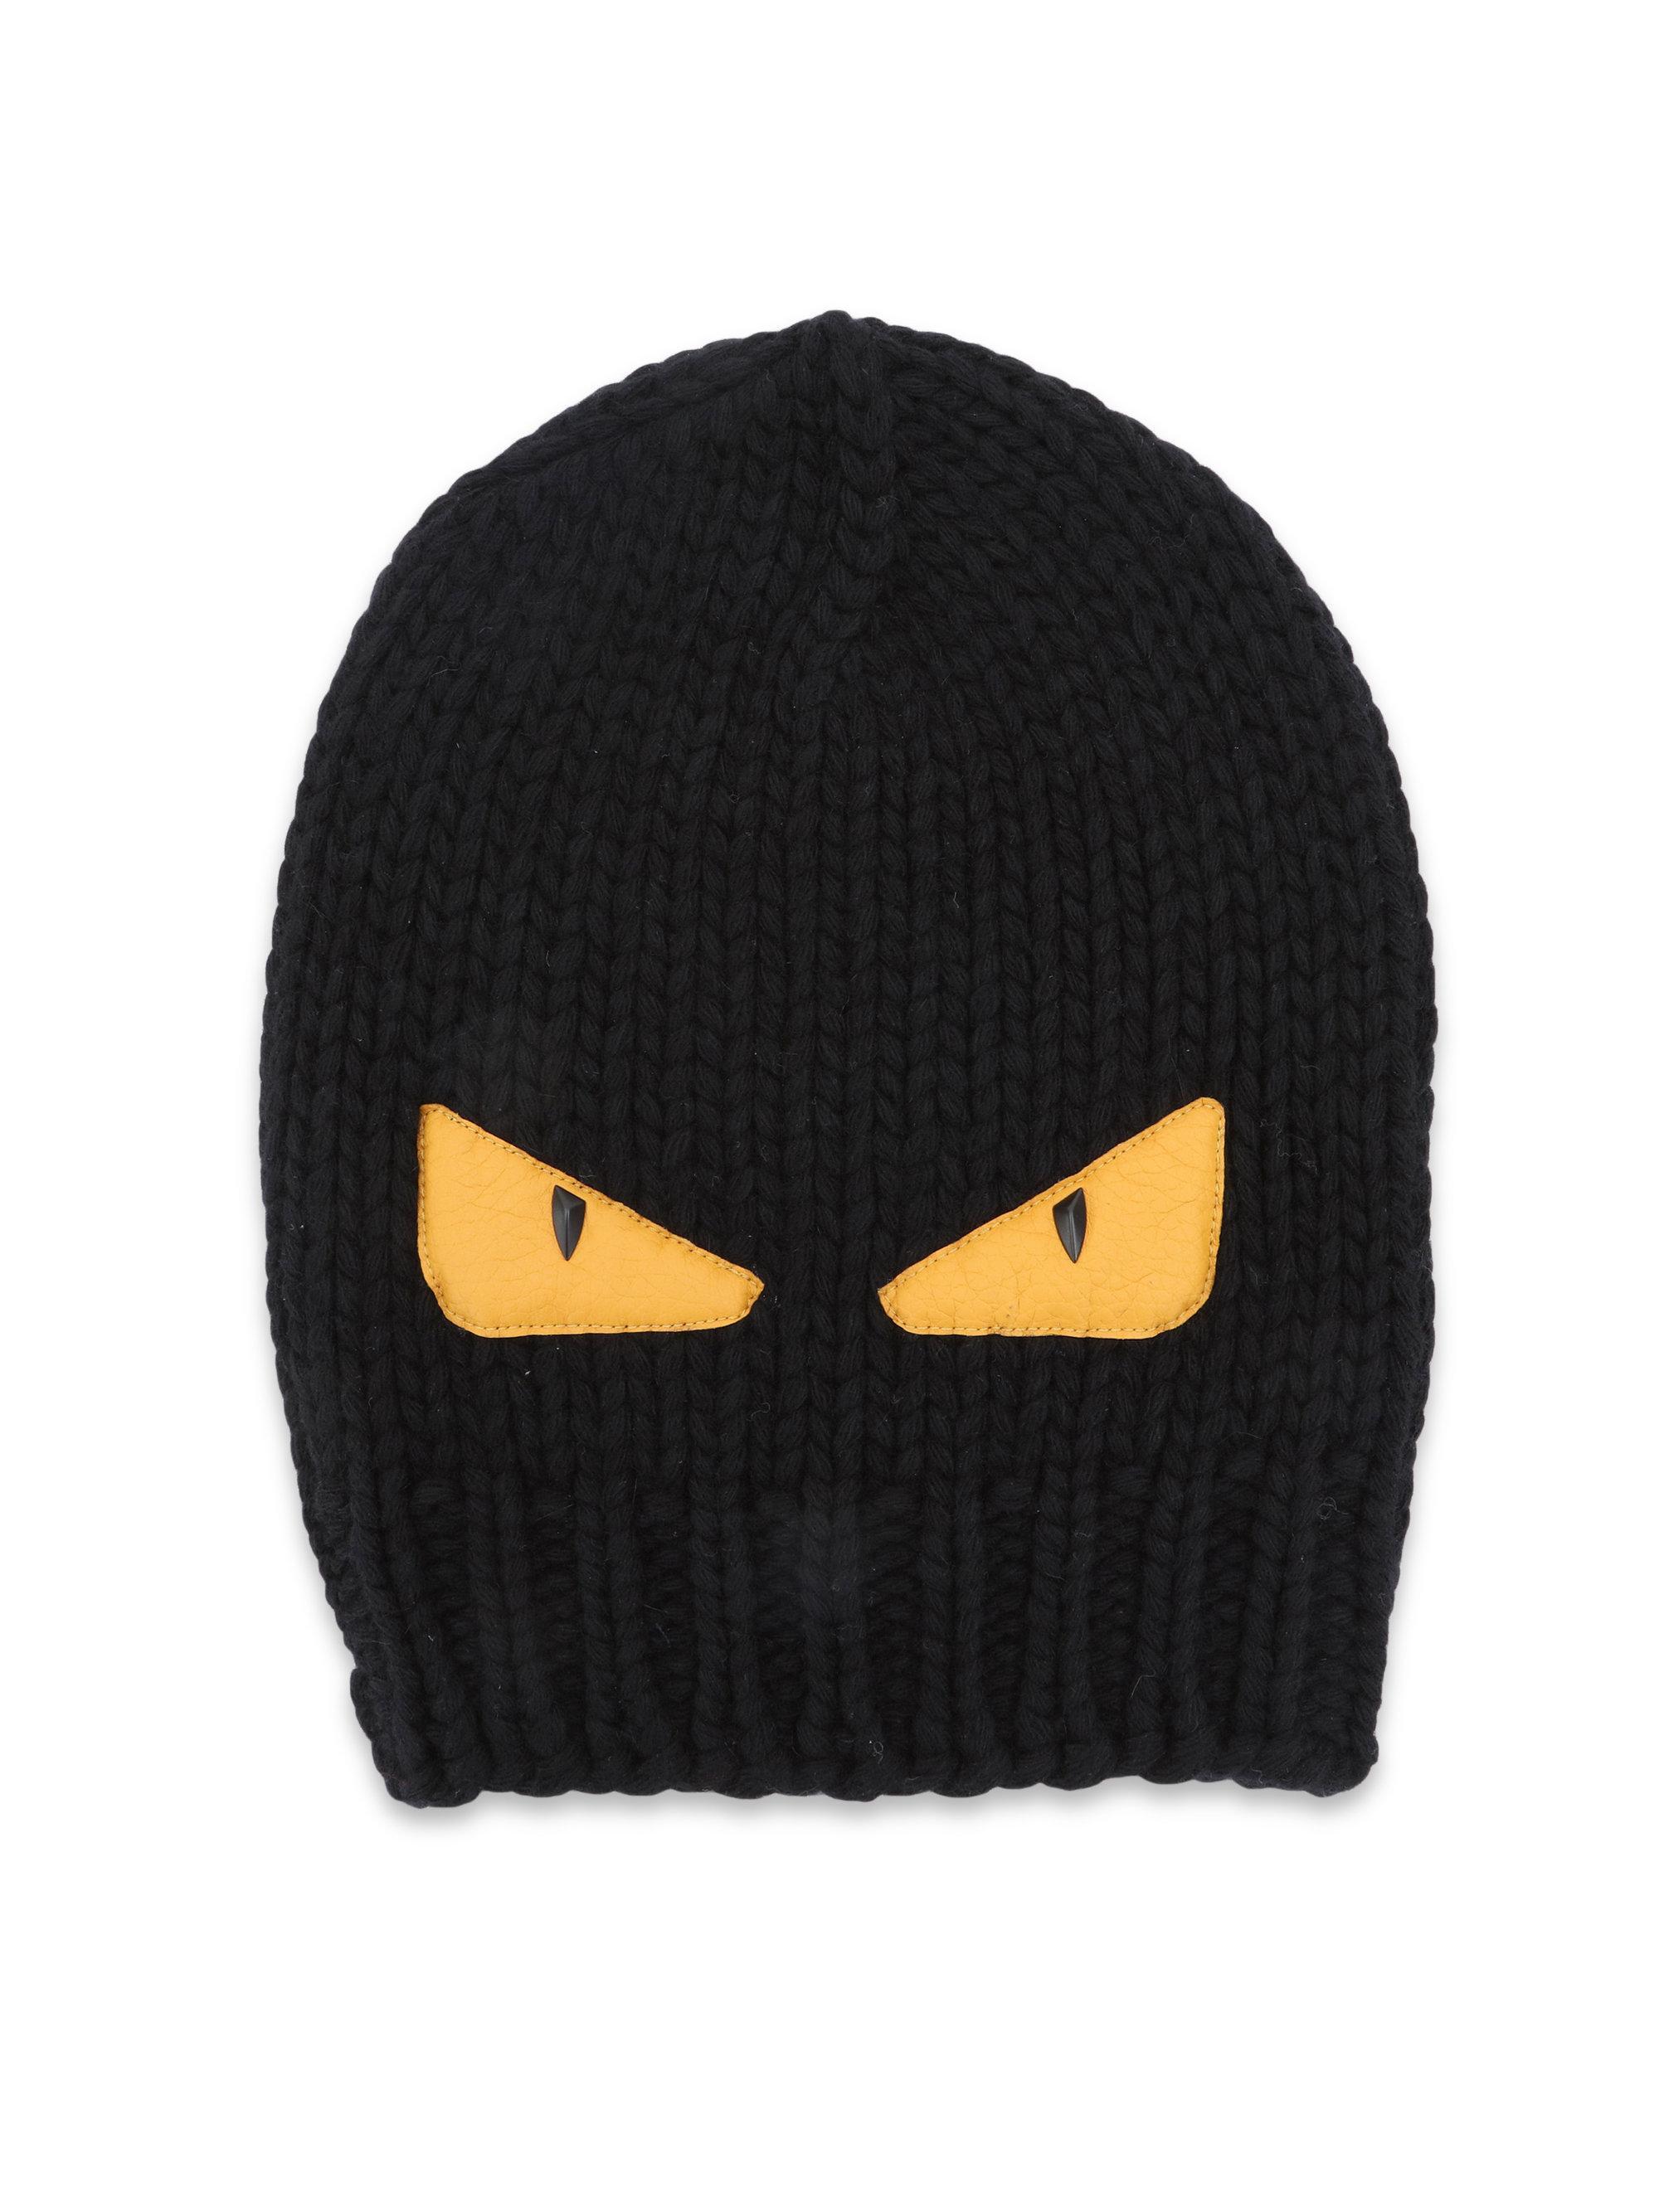 0fffd4b34d0 Lyst - Fendi Monster Wool Hat in Black for Men